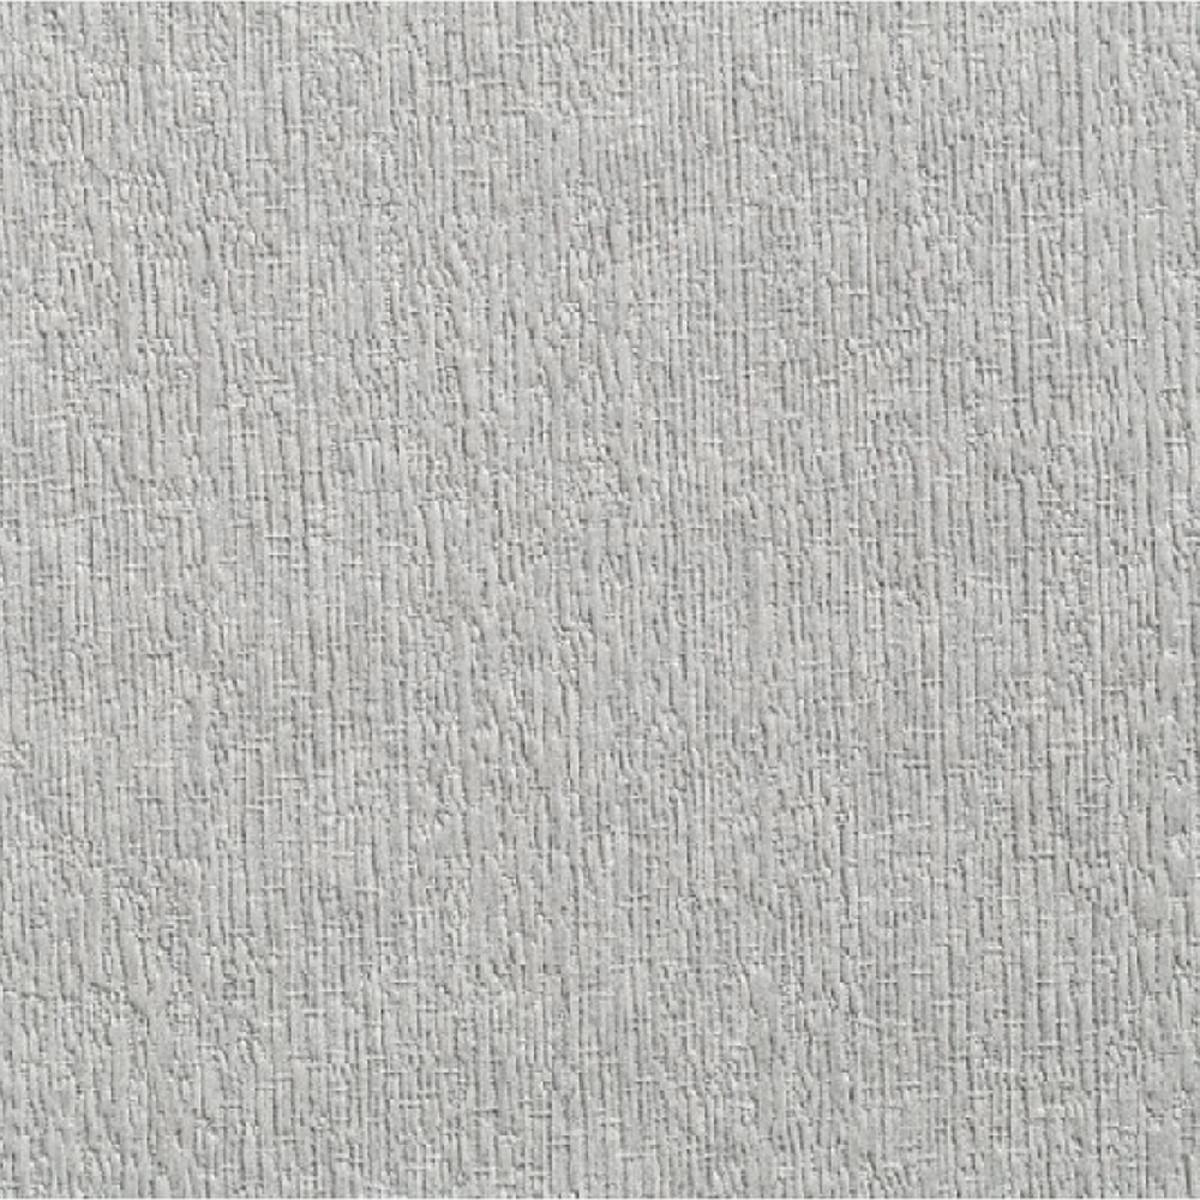 Обои флизелиновые Prestigecolor голубые 1.06 м 71099-40